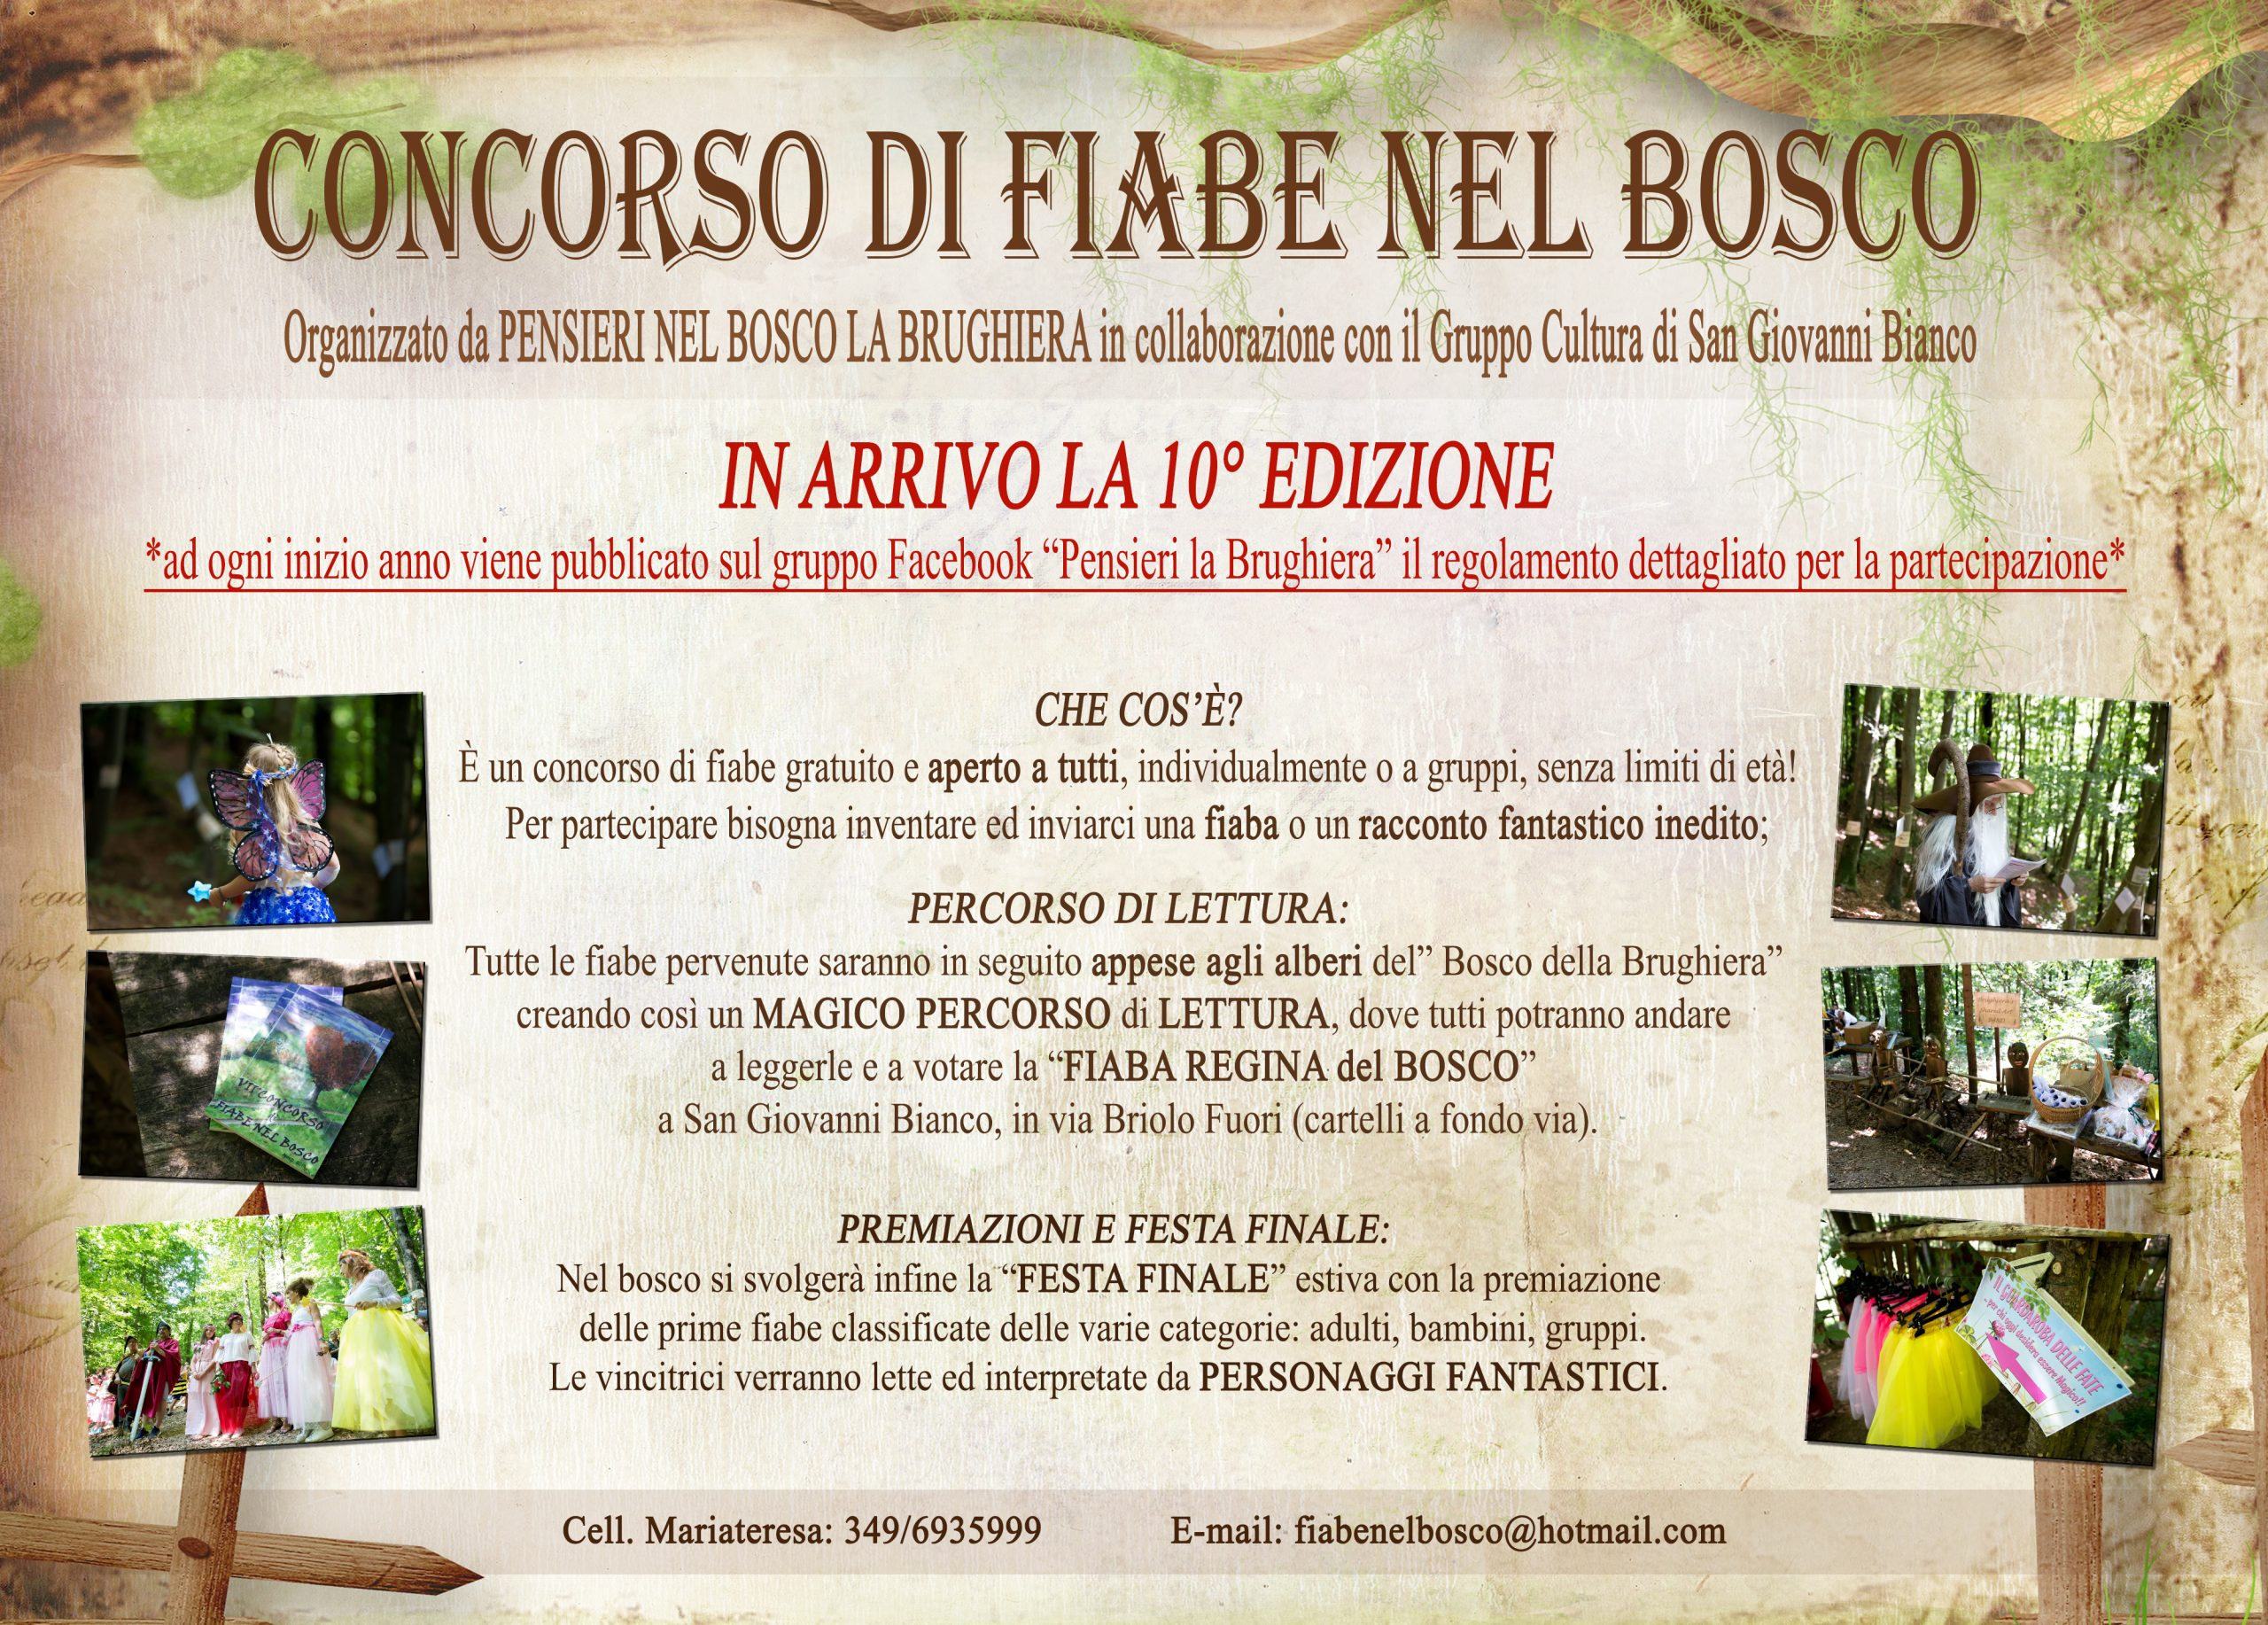 VOLANTINO GENERICO CONCORSO FIABEc